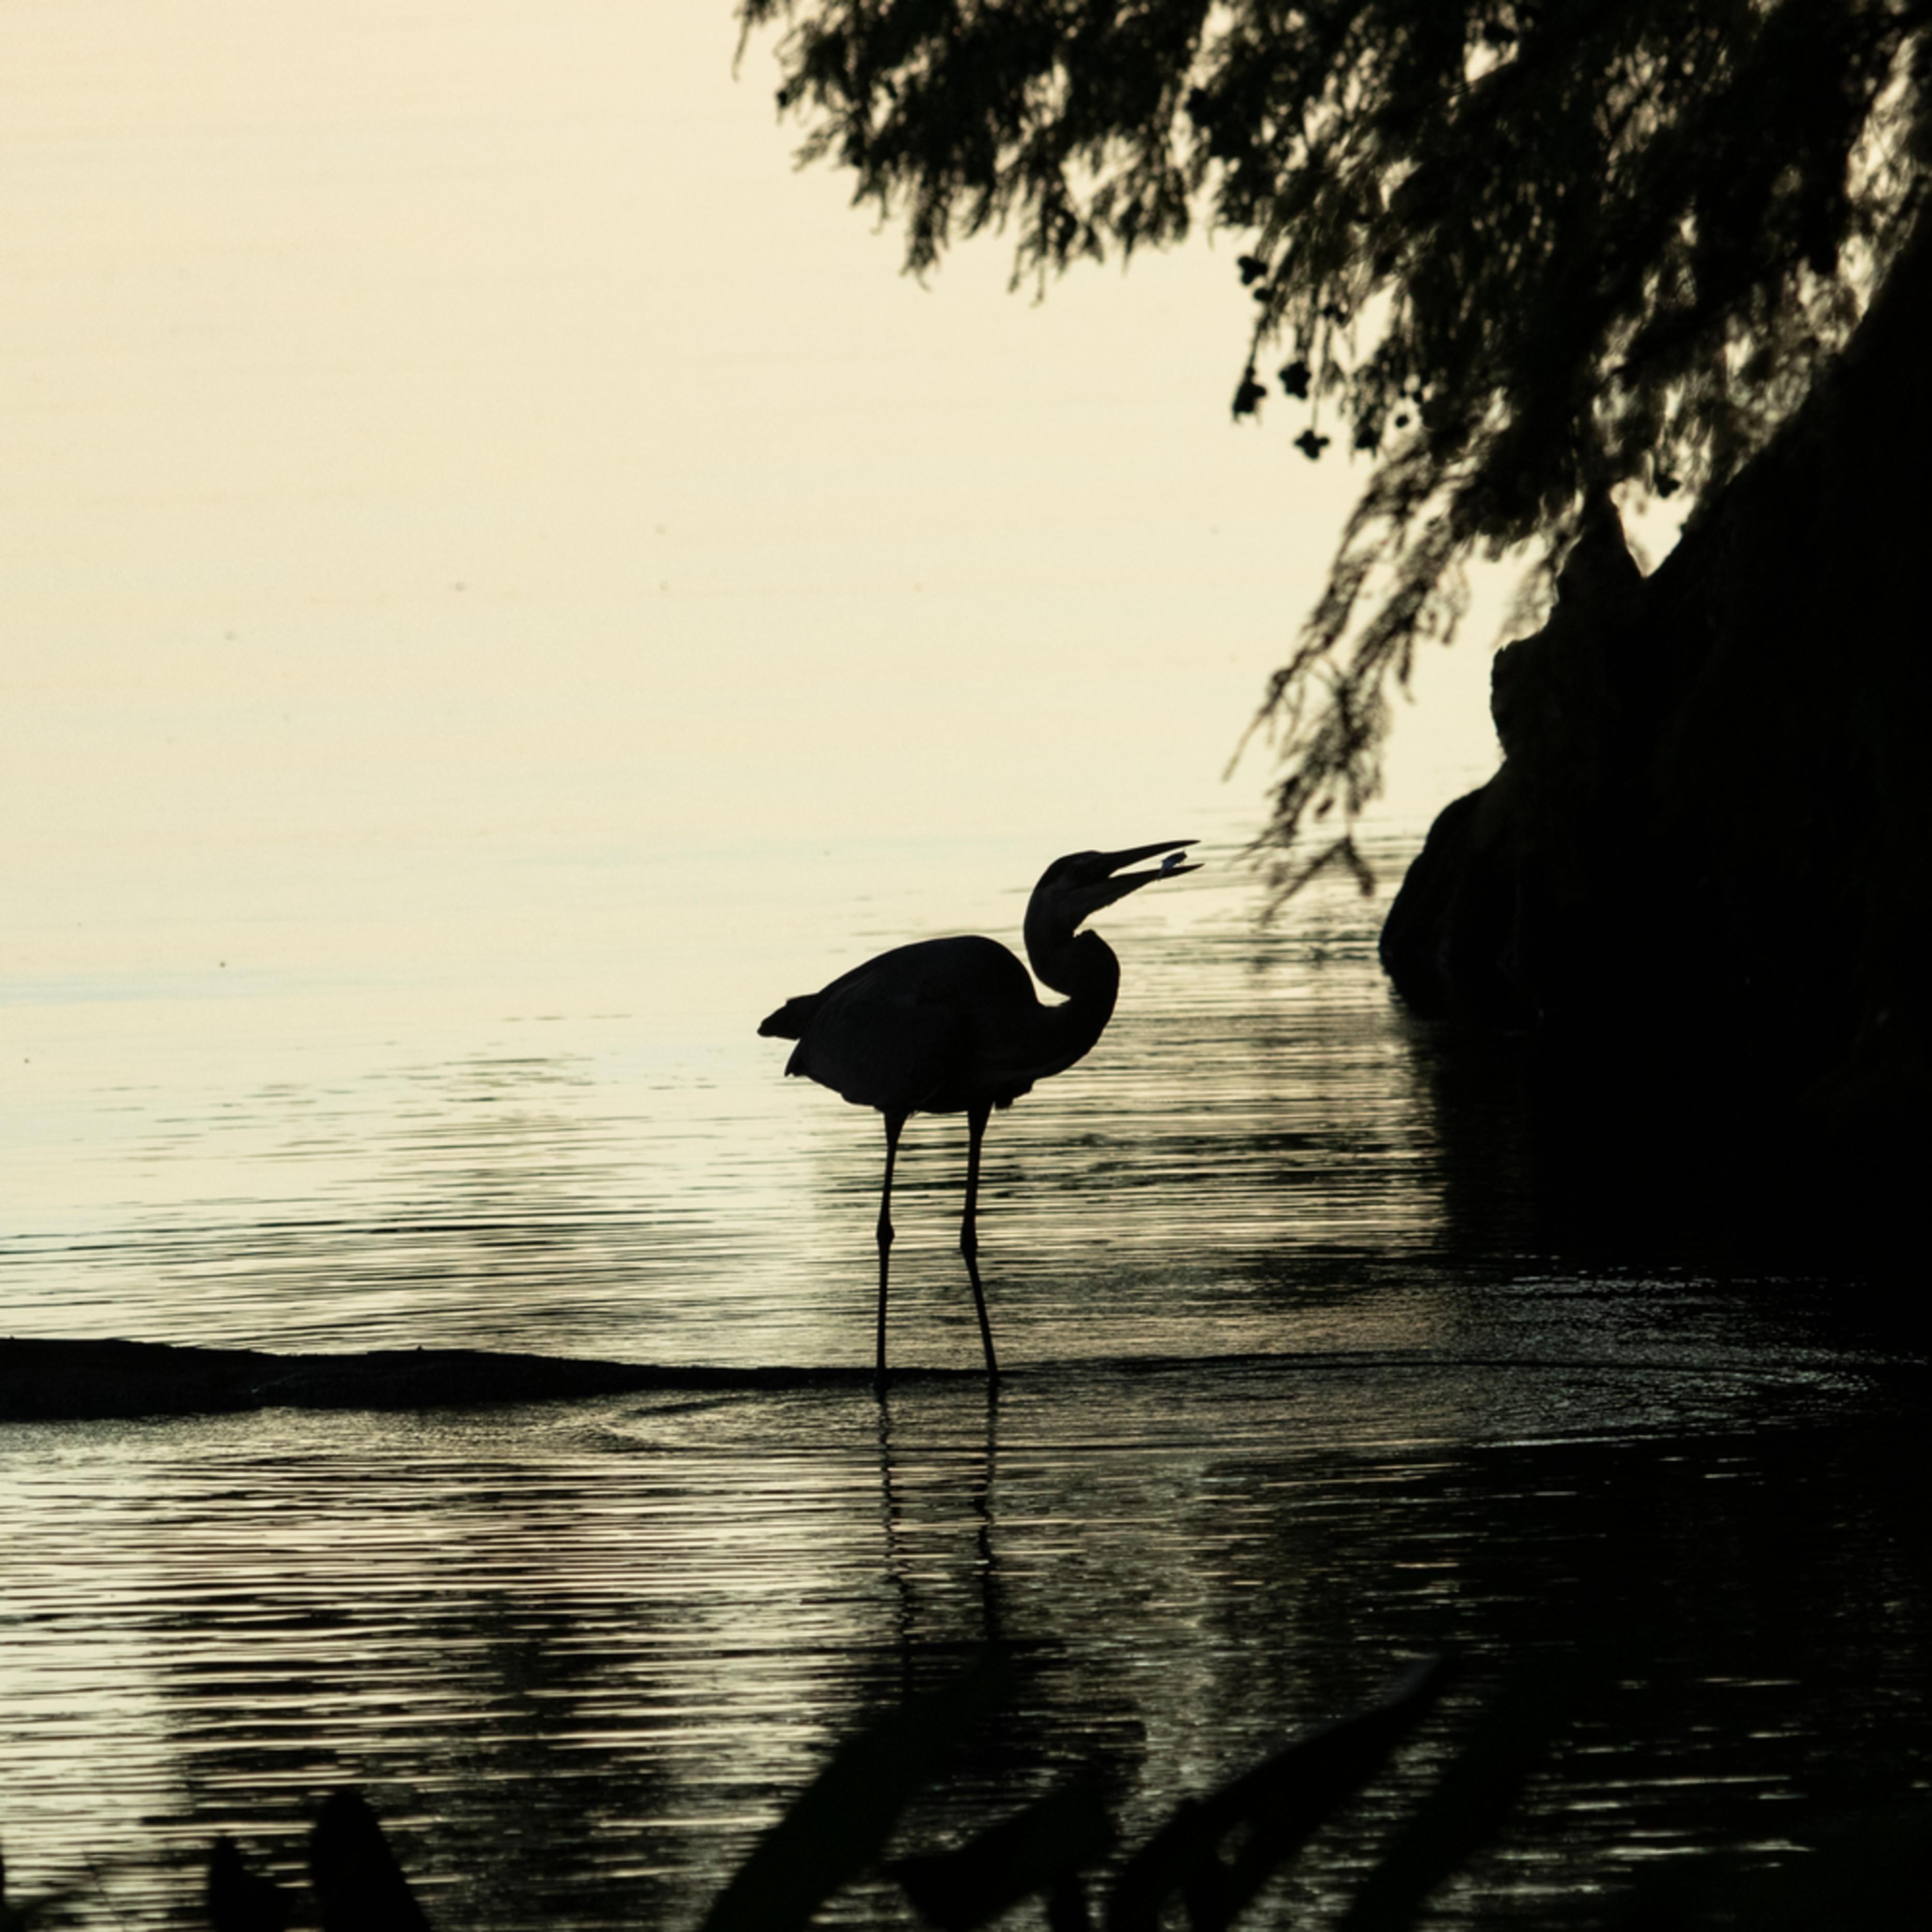 Heron silhouettes mg 7454 srm20 dbxwrx